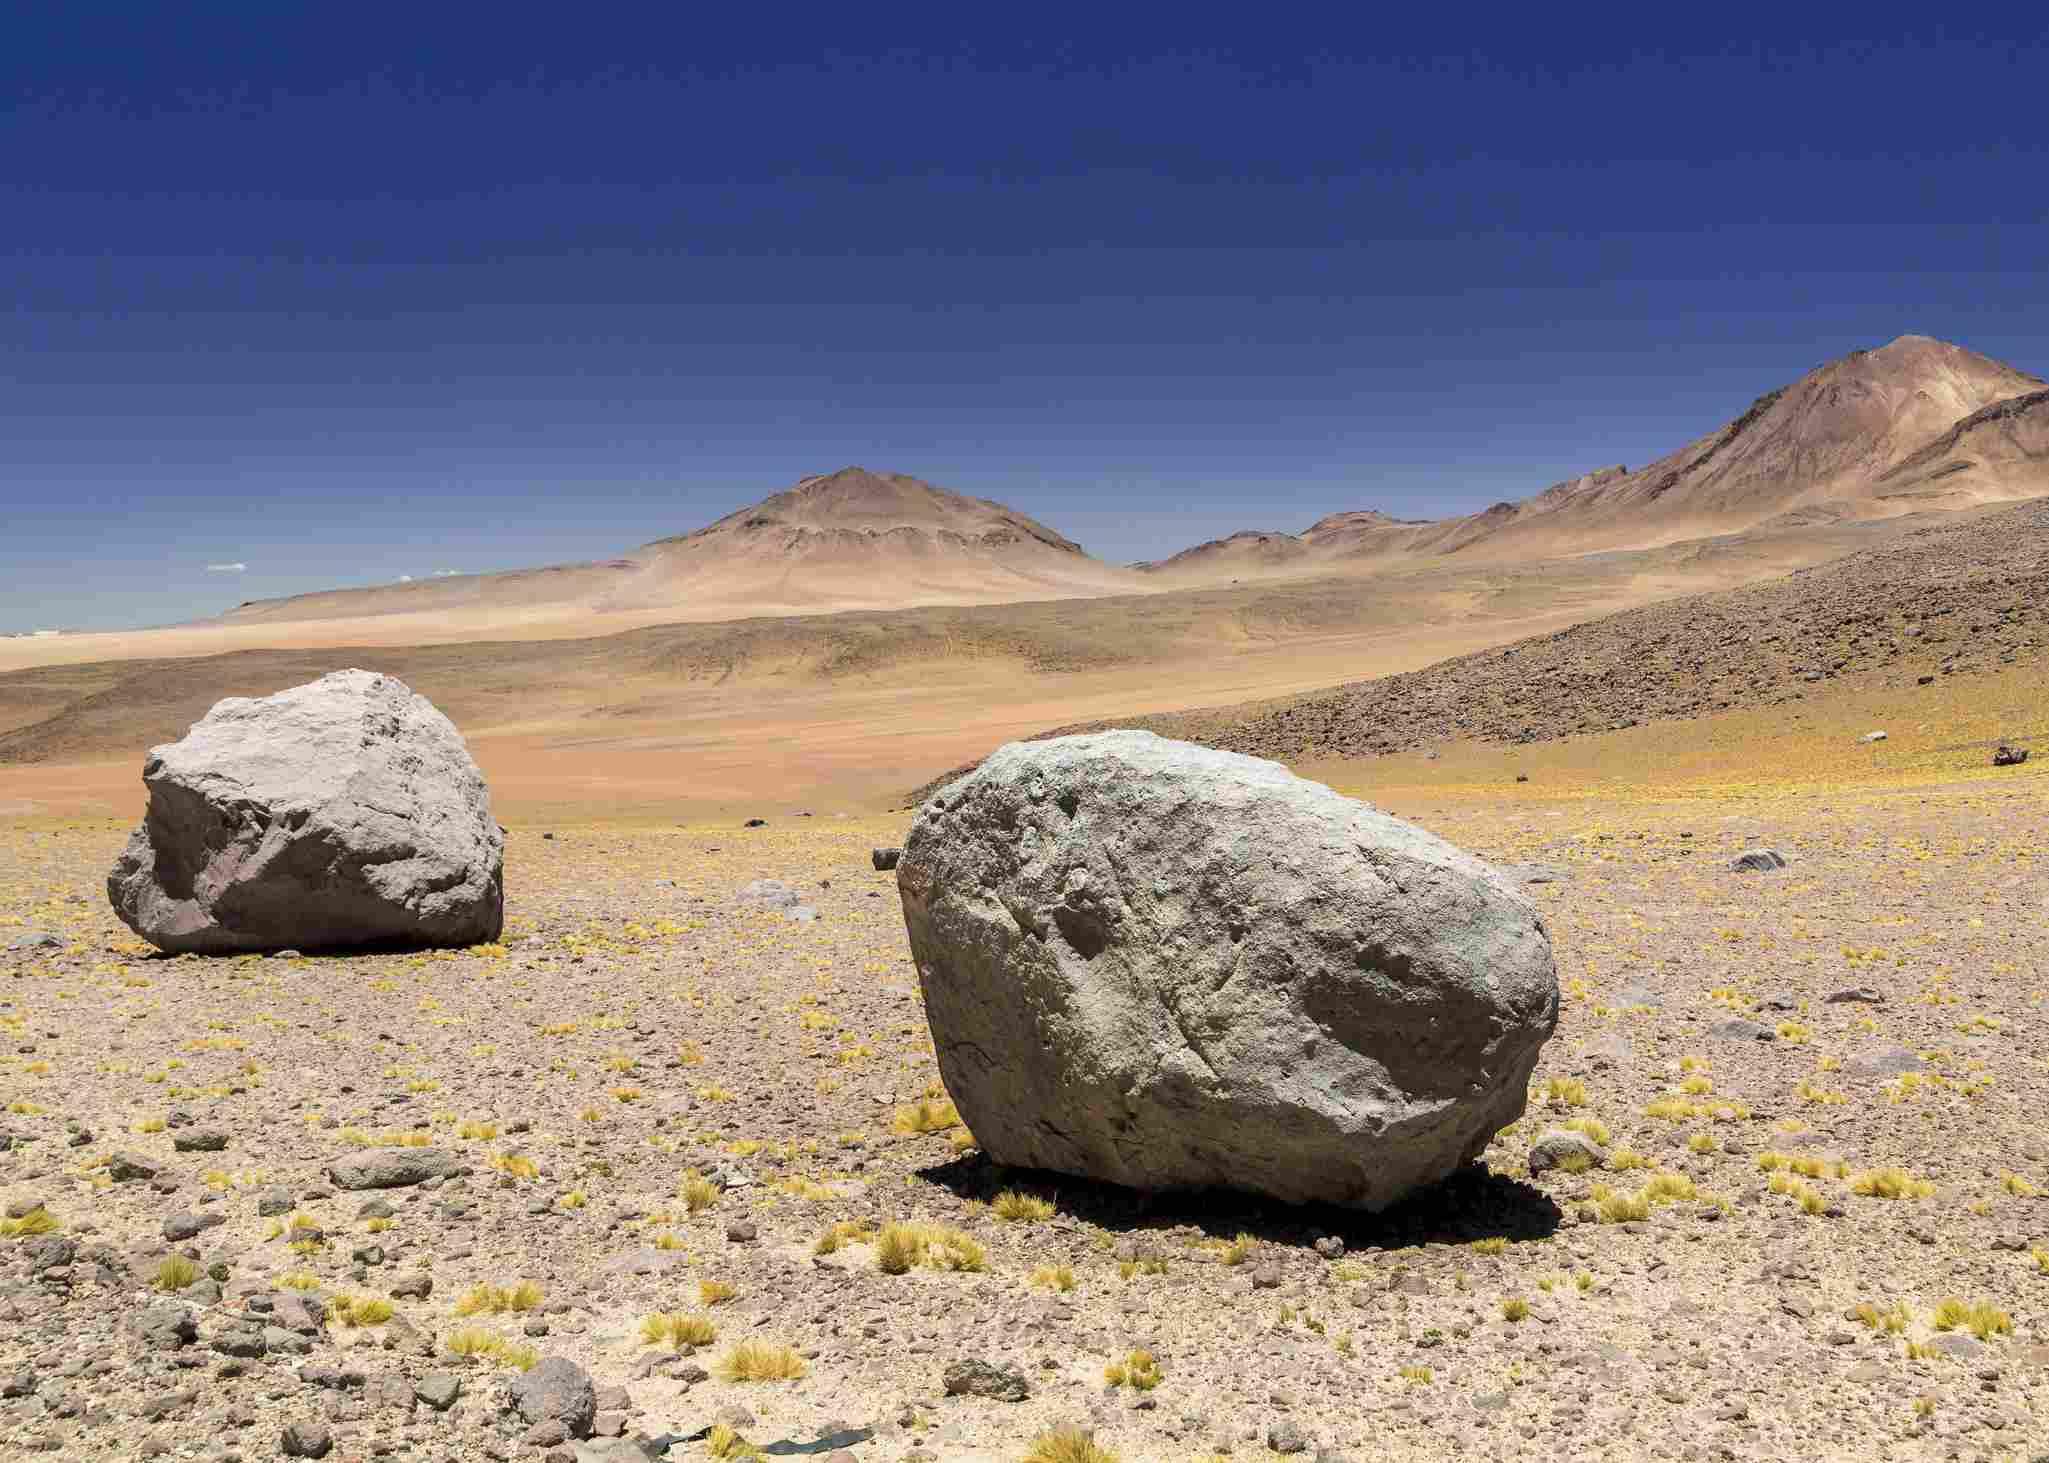 Bolivia, Atacama Desert, Salvador Dali Desert